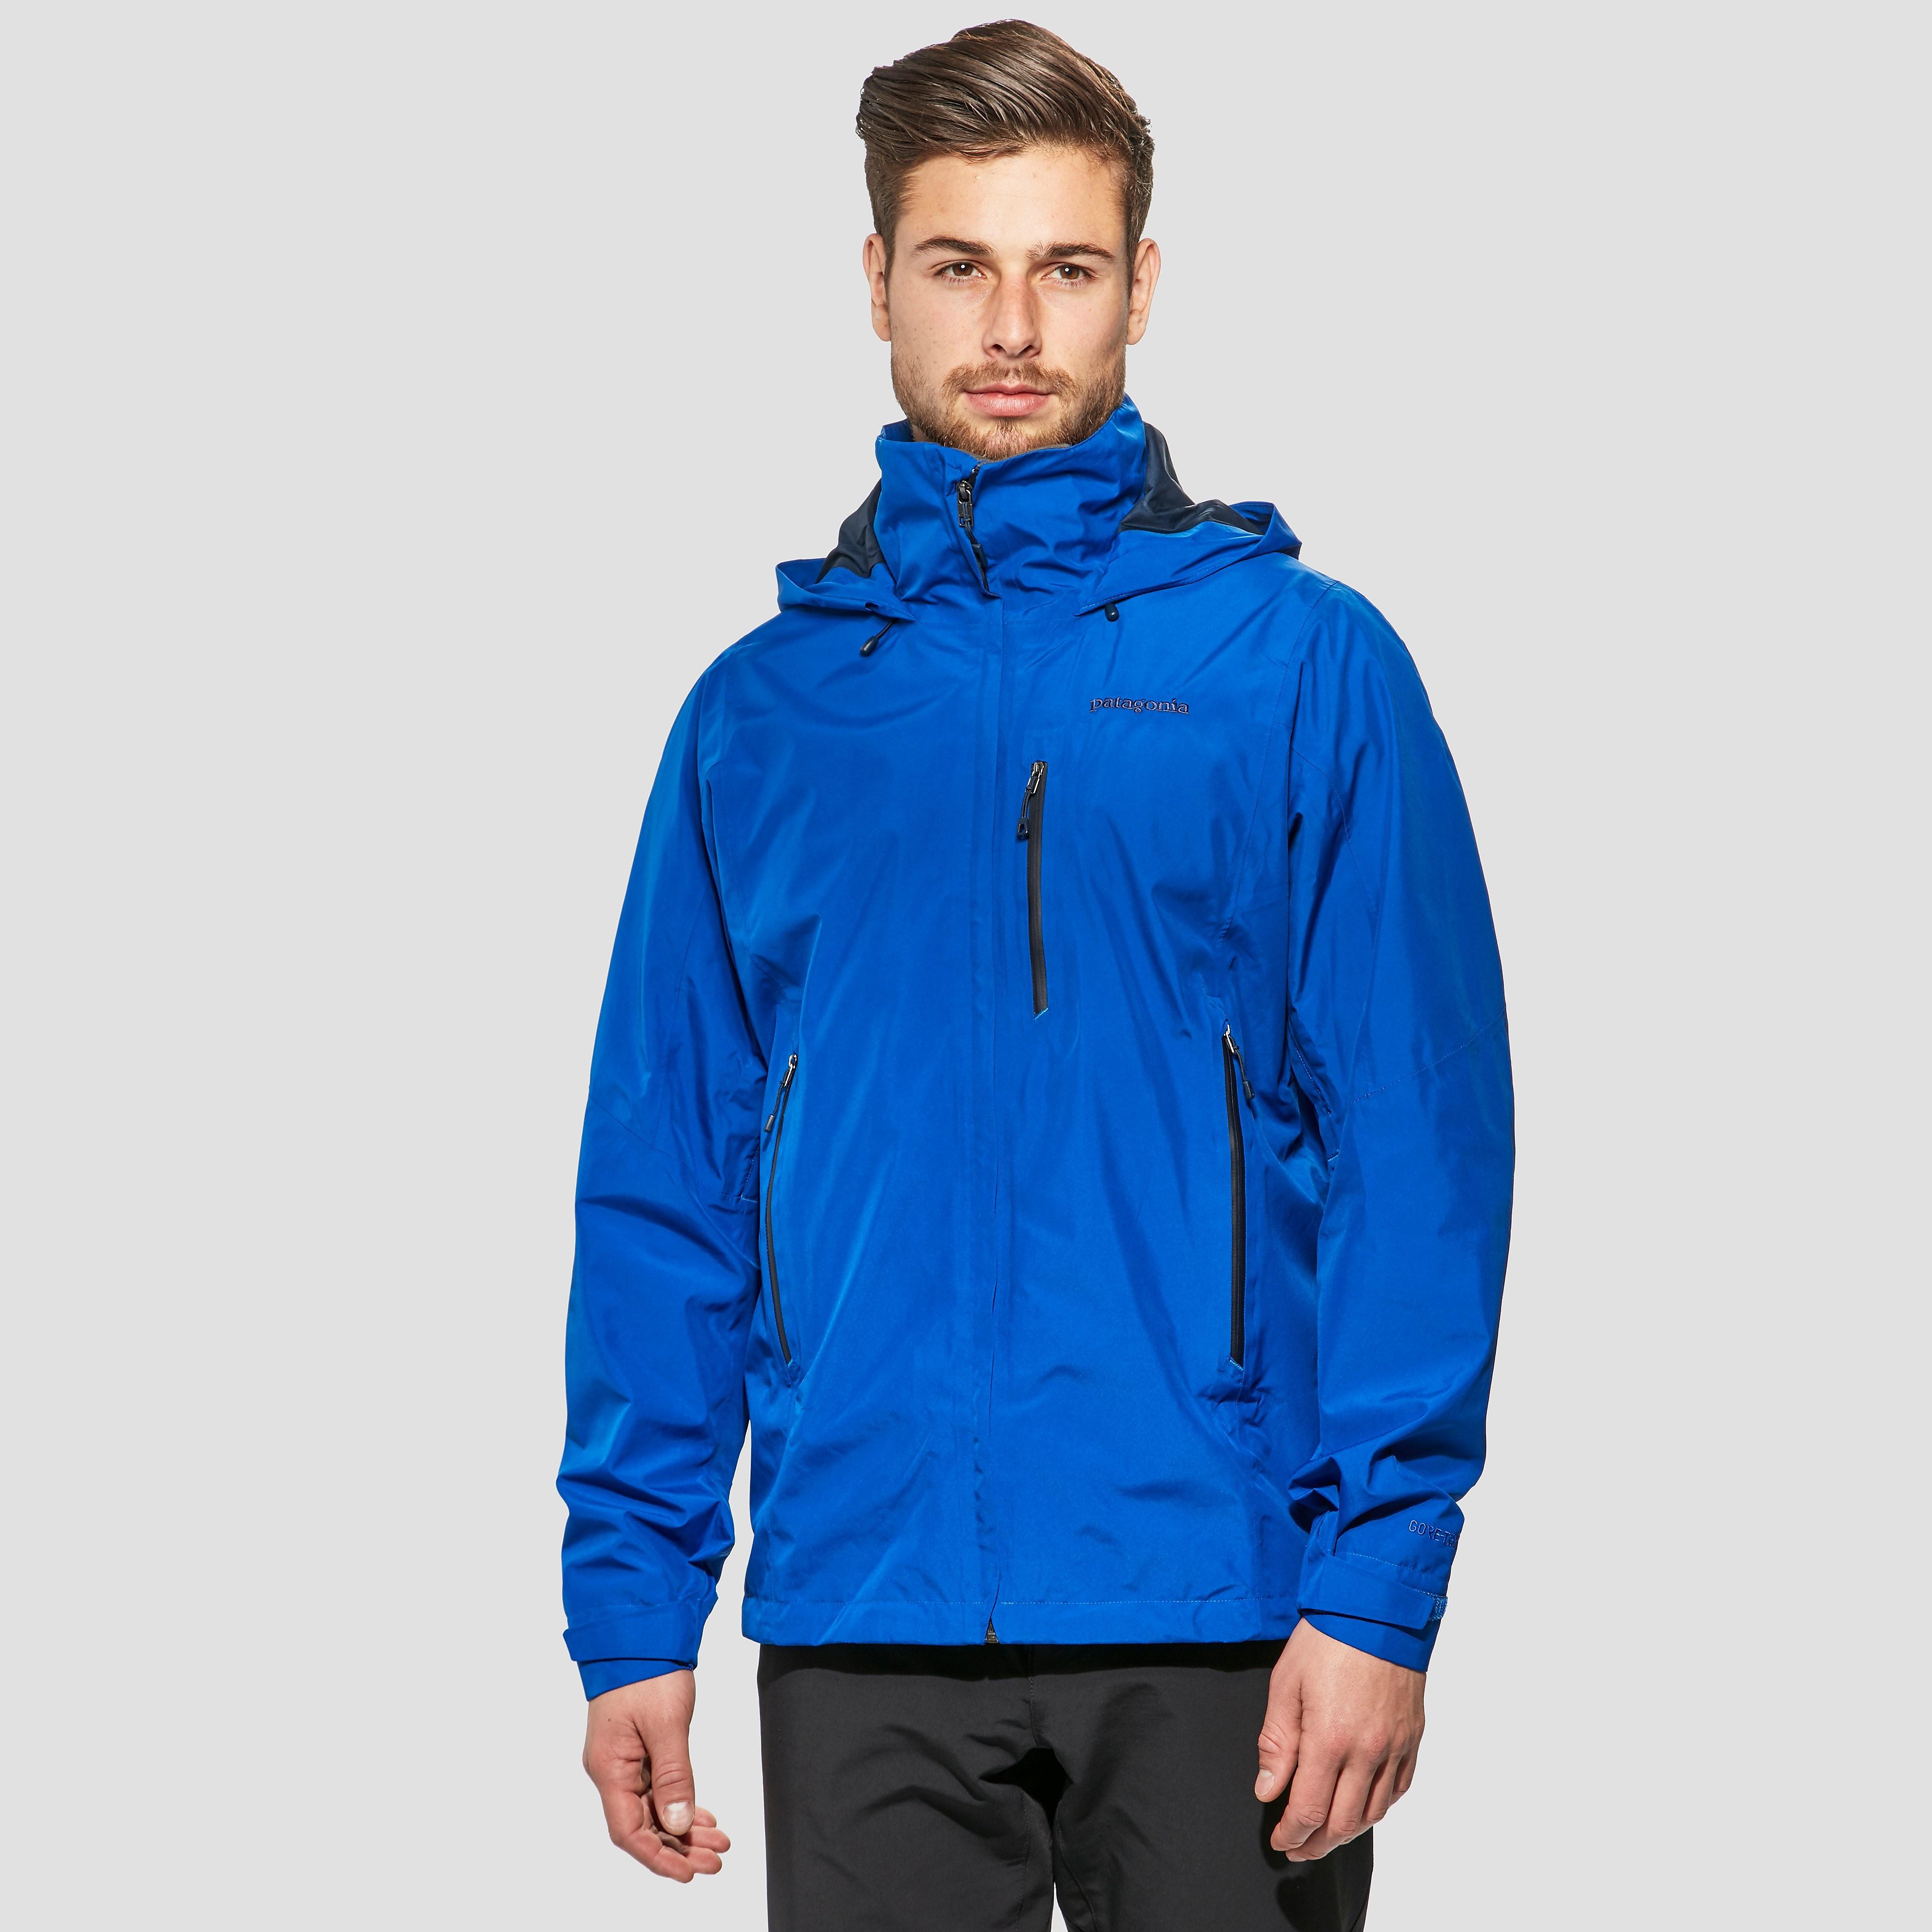 Patagonia Piolet Men's Jacket